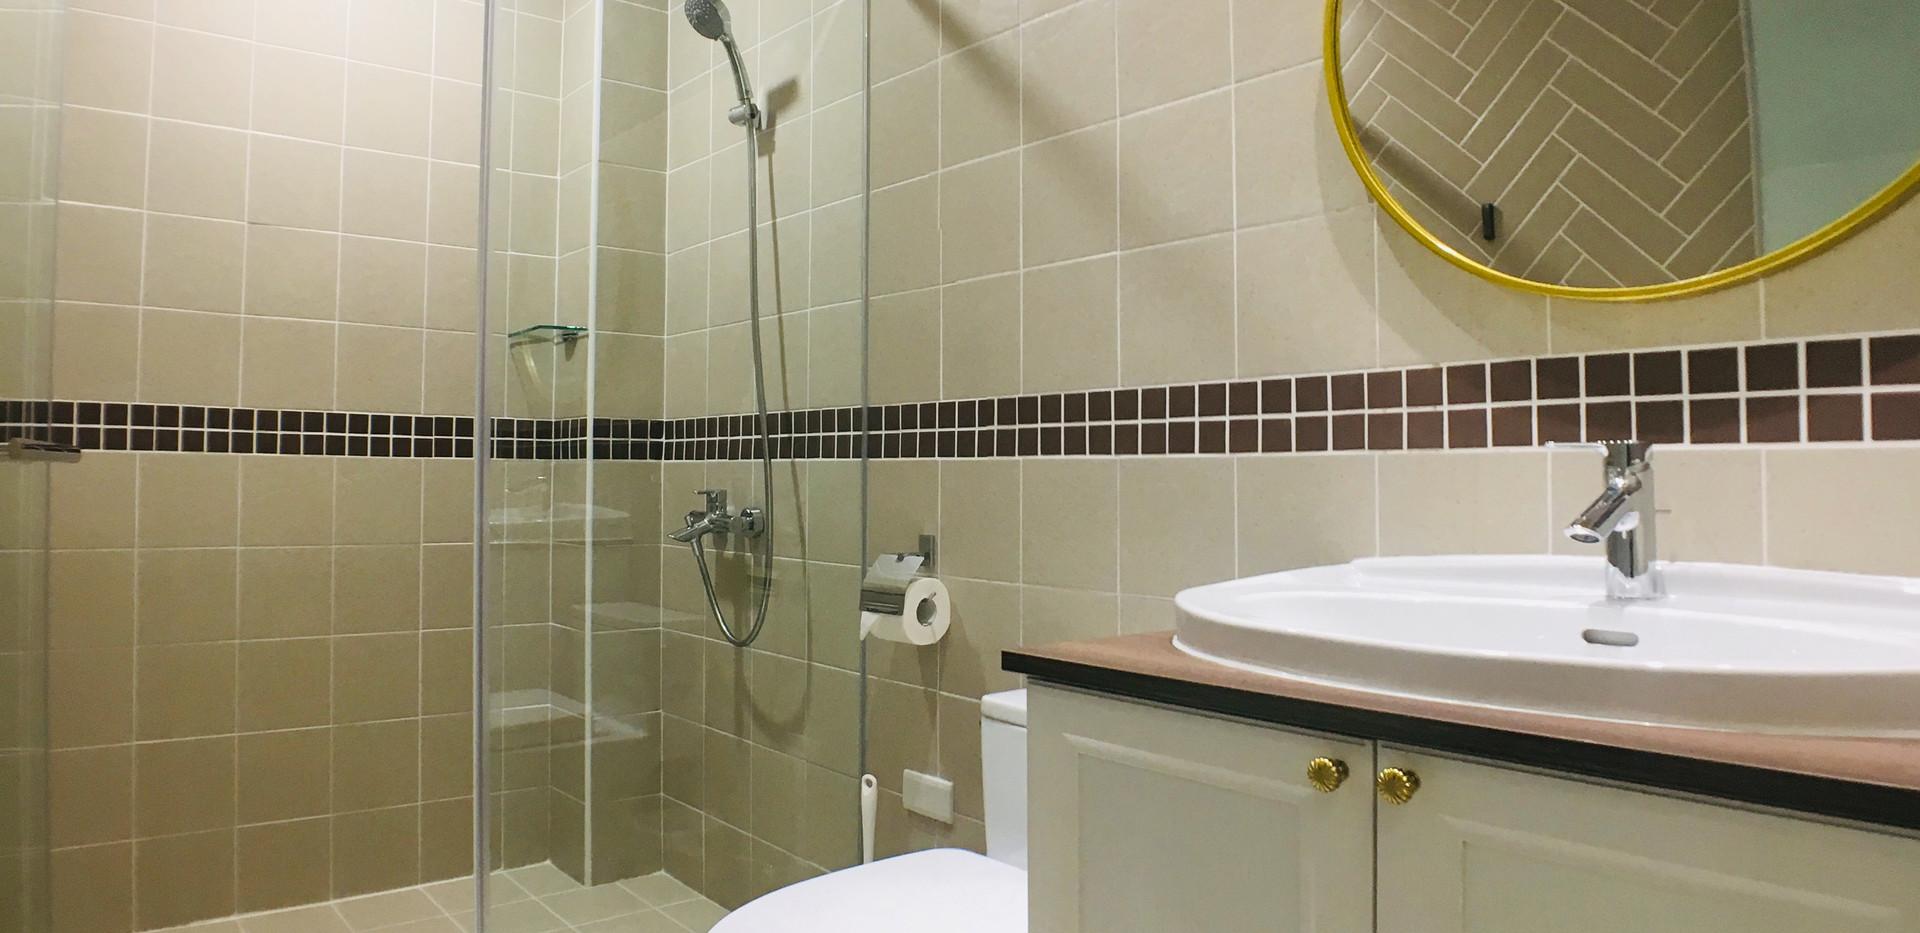 狄安娜浴室